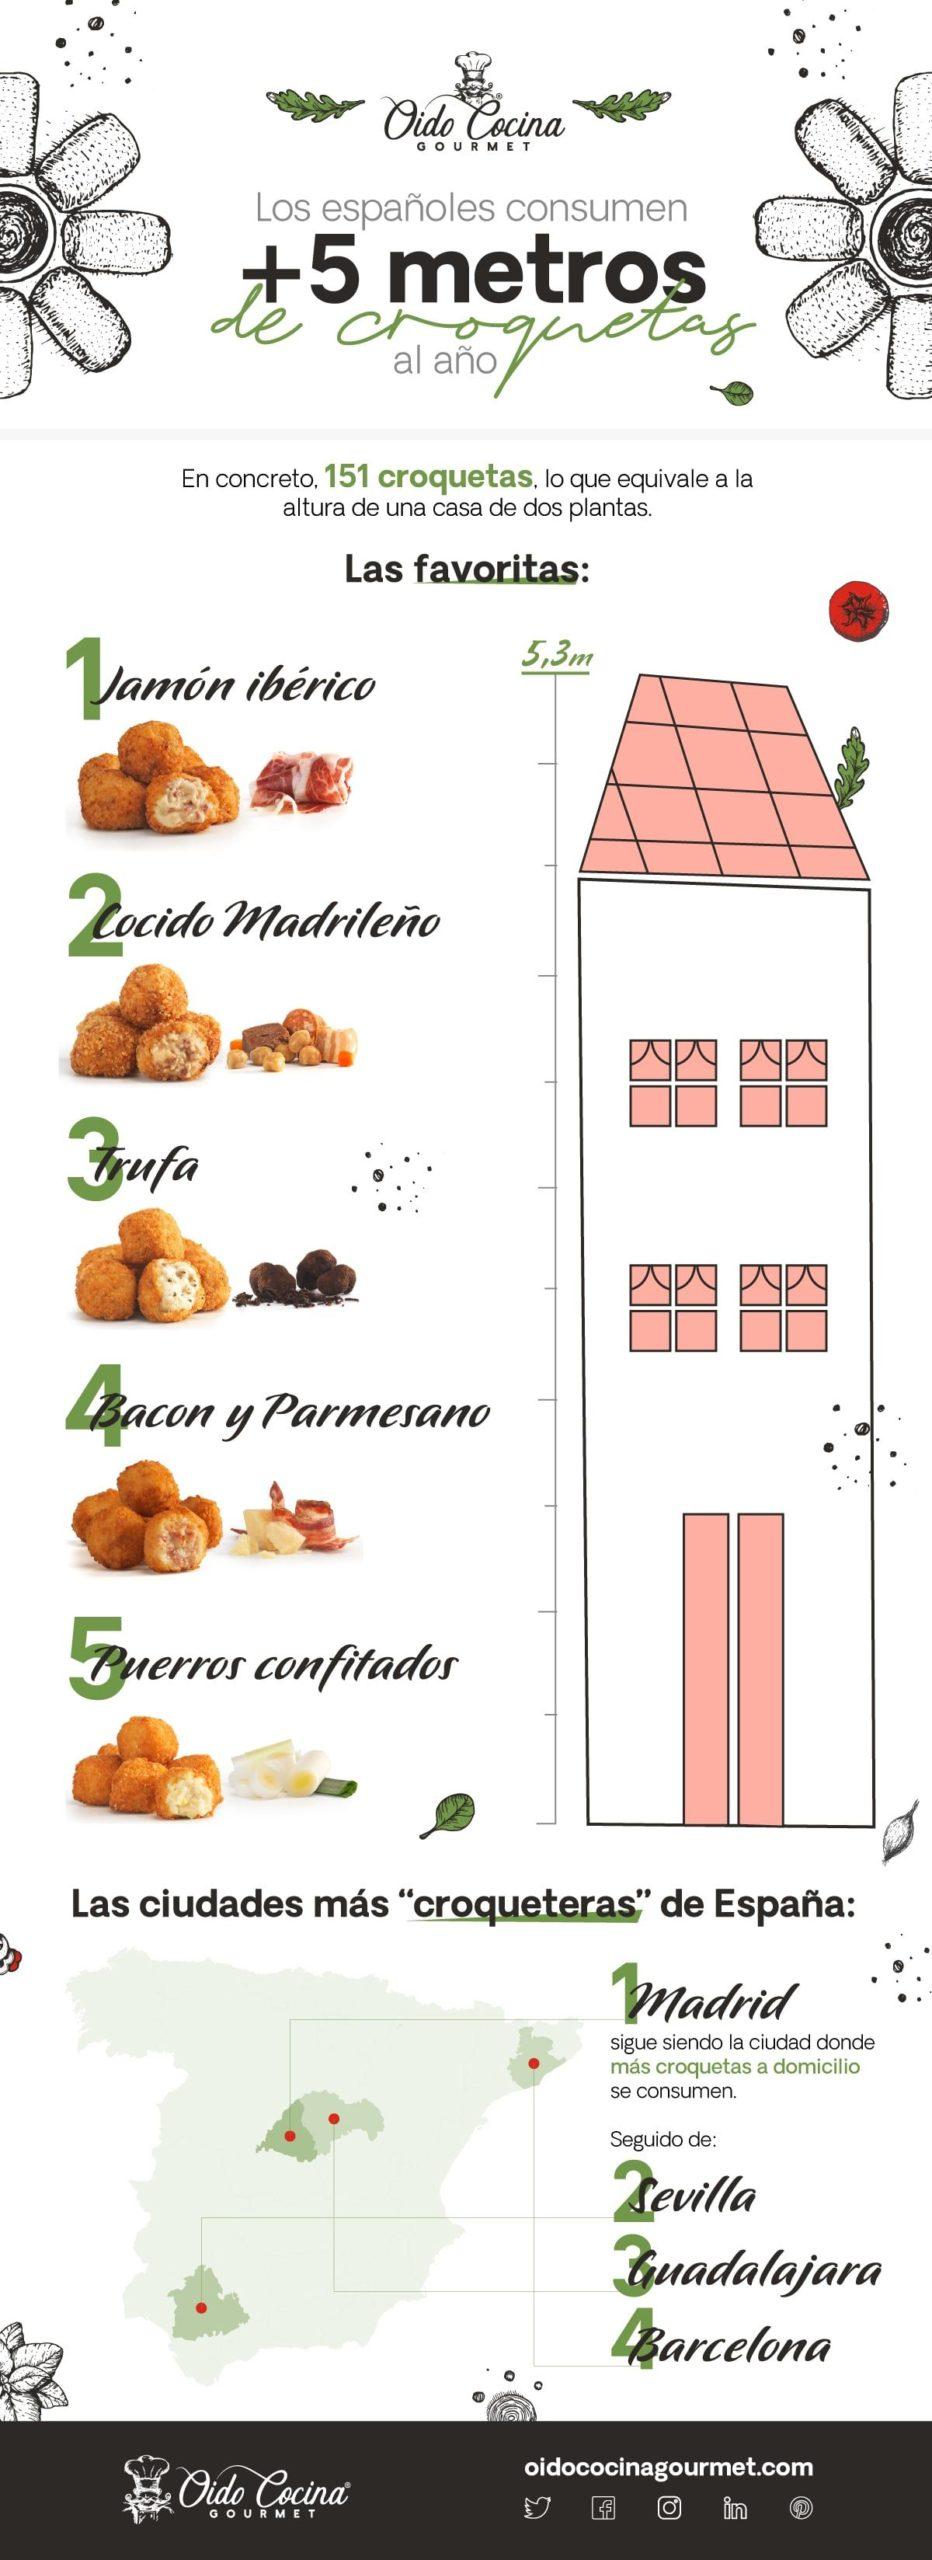 Los españoles consumen más de 5 metros de croquetas al año, según el estudio anual de Oído Cocina Gourmet